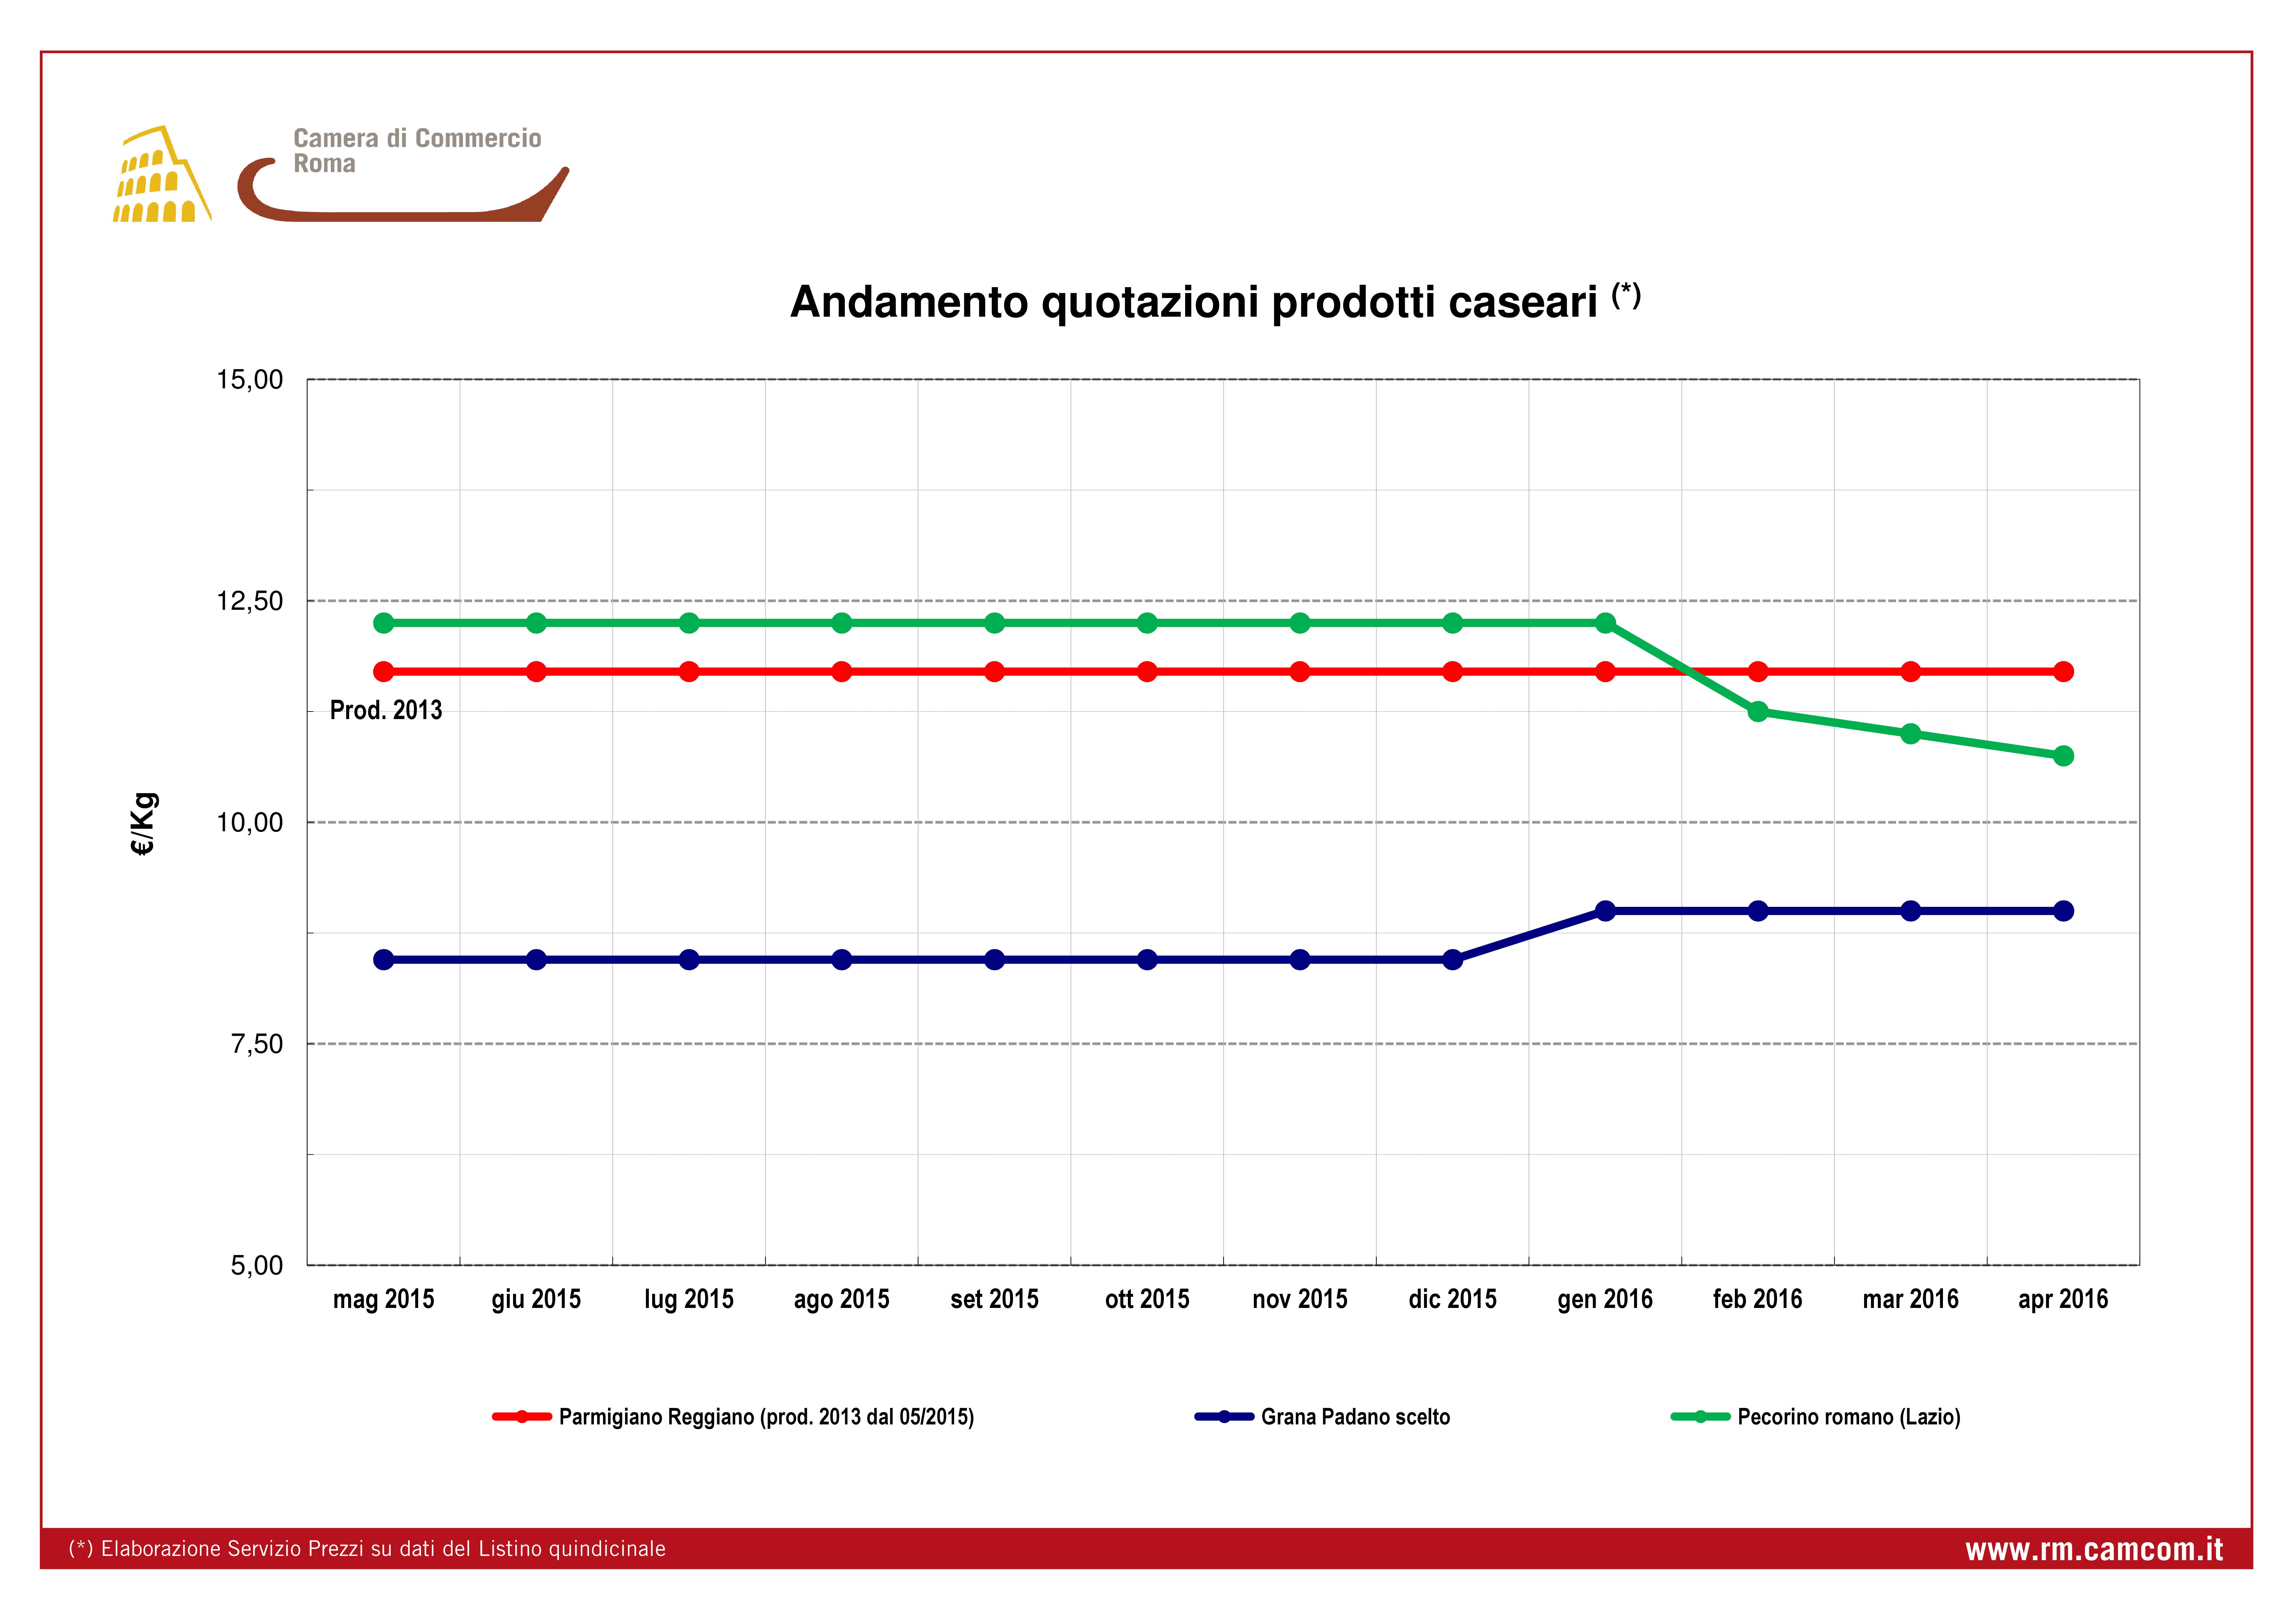 Quotazione andamento mensile prezzi prodotti caseari e olio e.v.o. da dicembre 2012 a novembre 2013